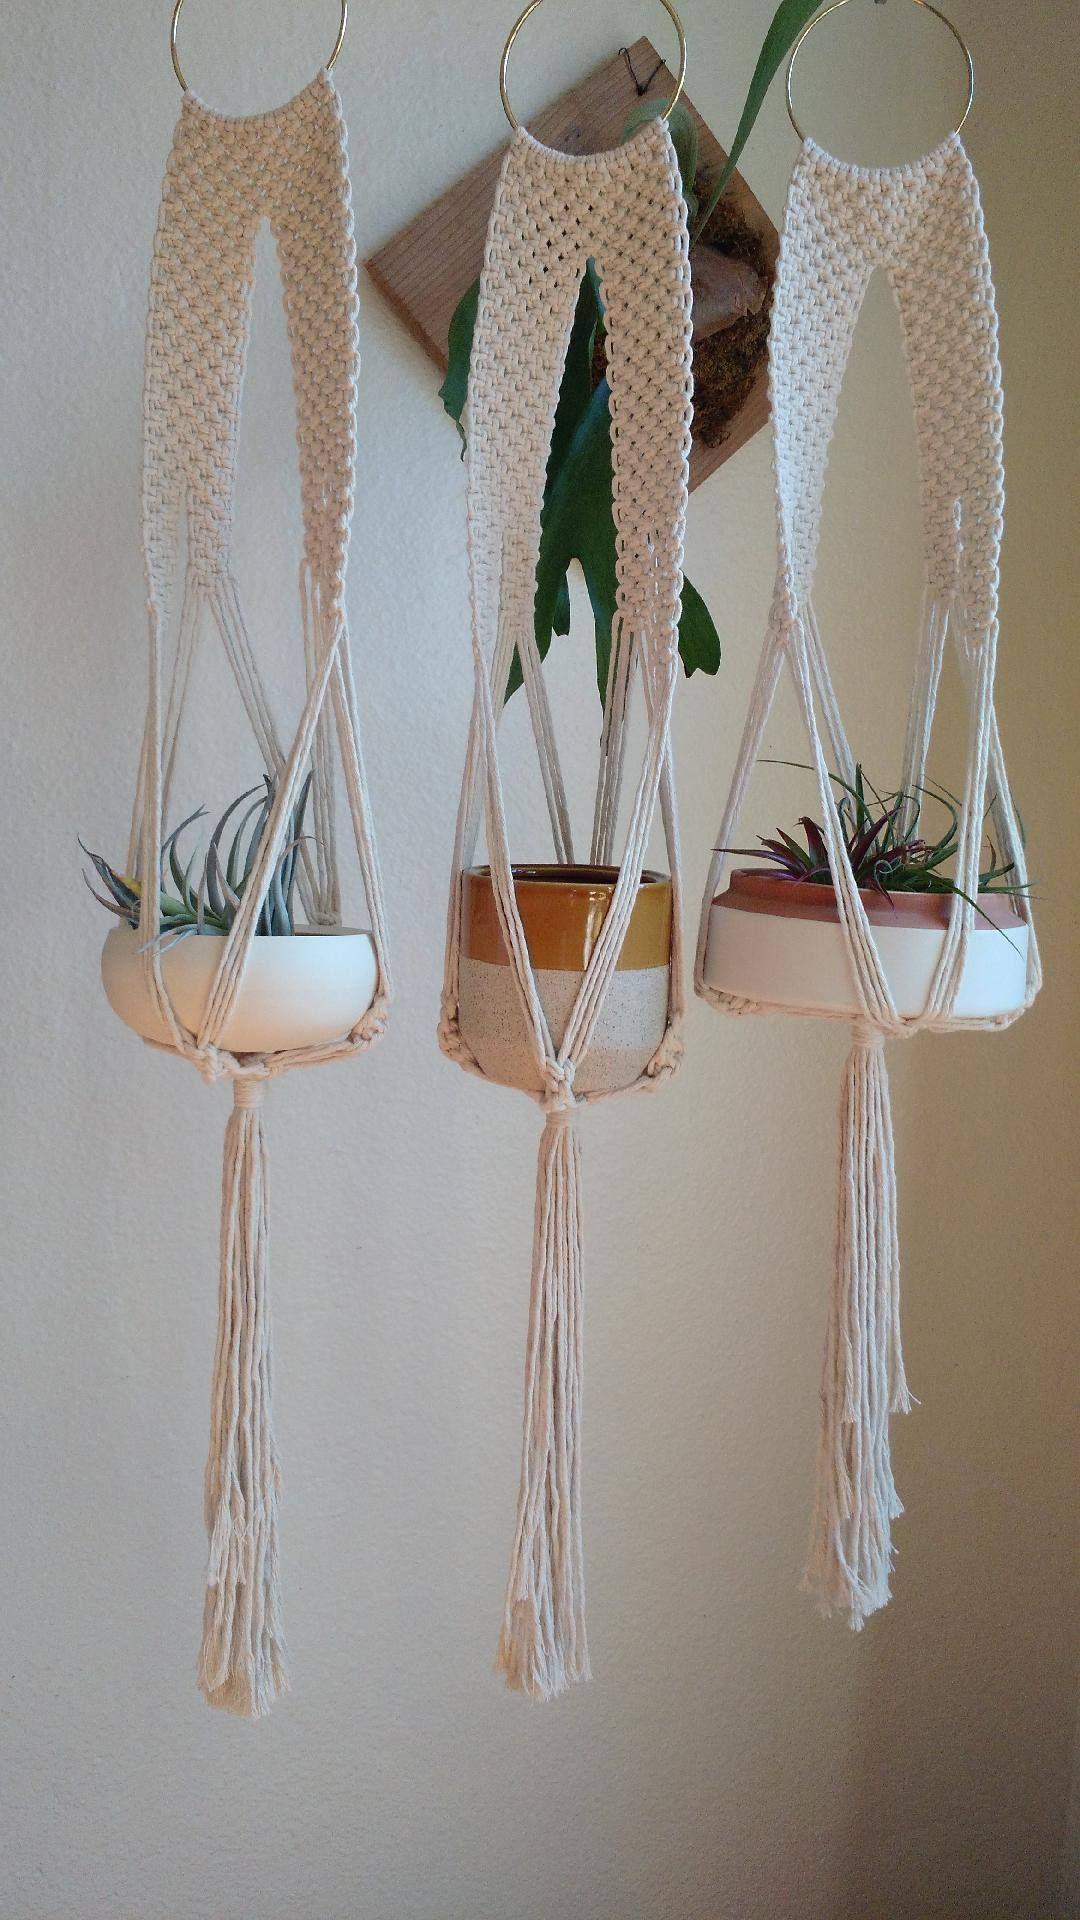 plant hanger macrame modern planter macrame plant hanging boho decor wall hanging planter. Black Bedroom Furniture Sets. Home Design Ideas